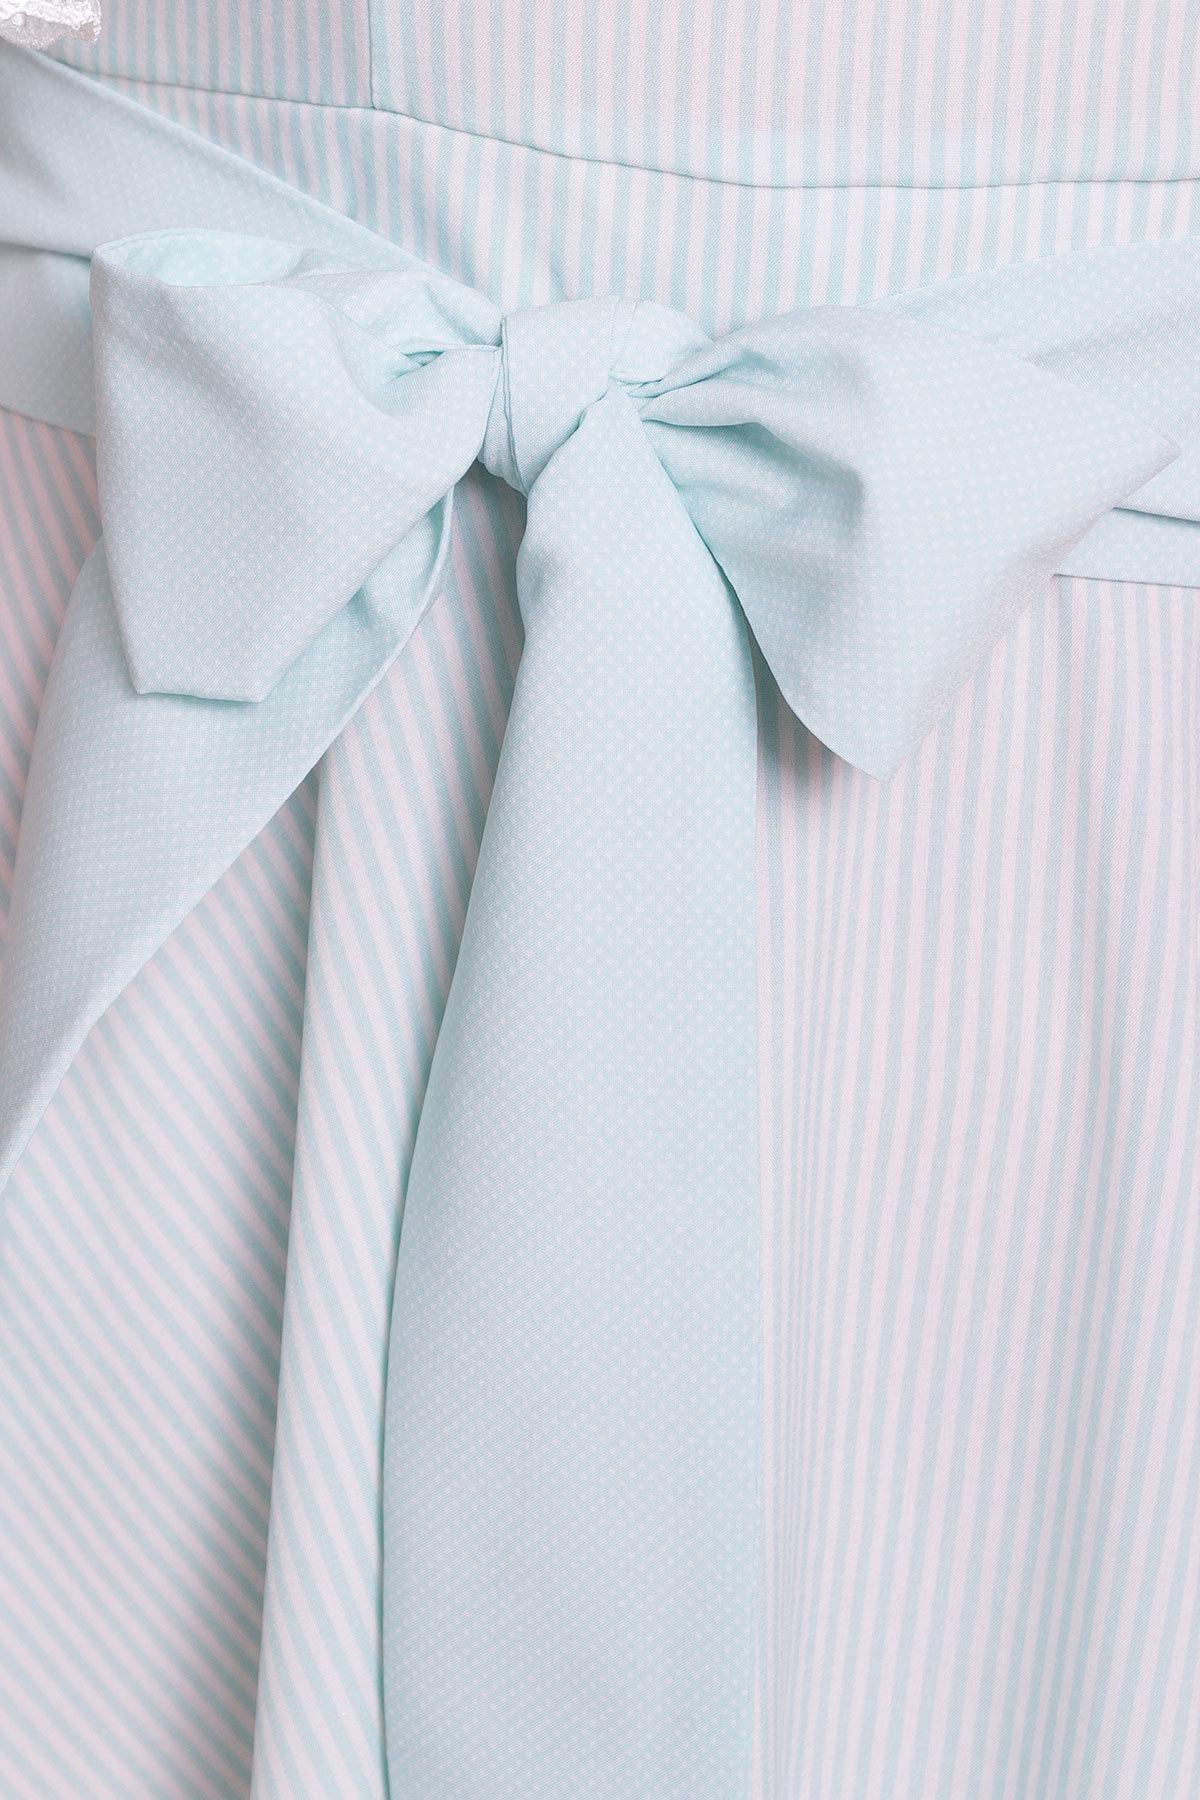 Платье Виолетта 4984 АРТ. 35585 Цвет: Мята/молоко полоска - фото 4, интернет магазин tm-modus.ru